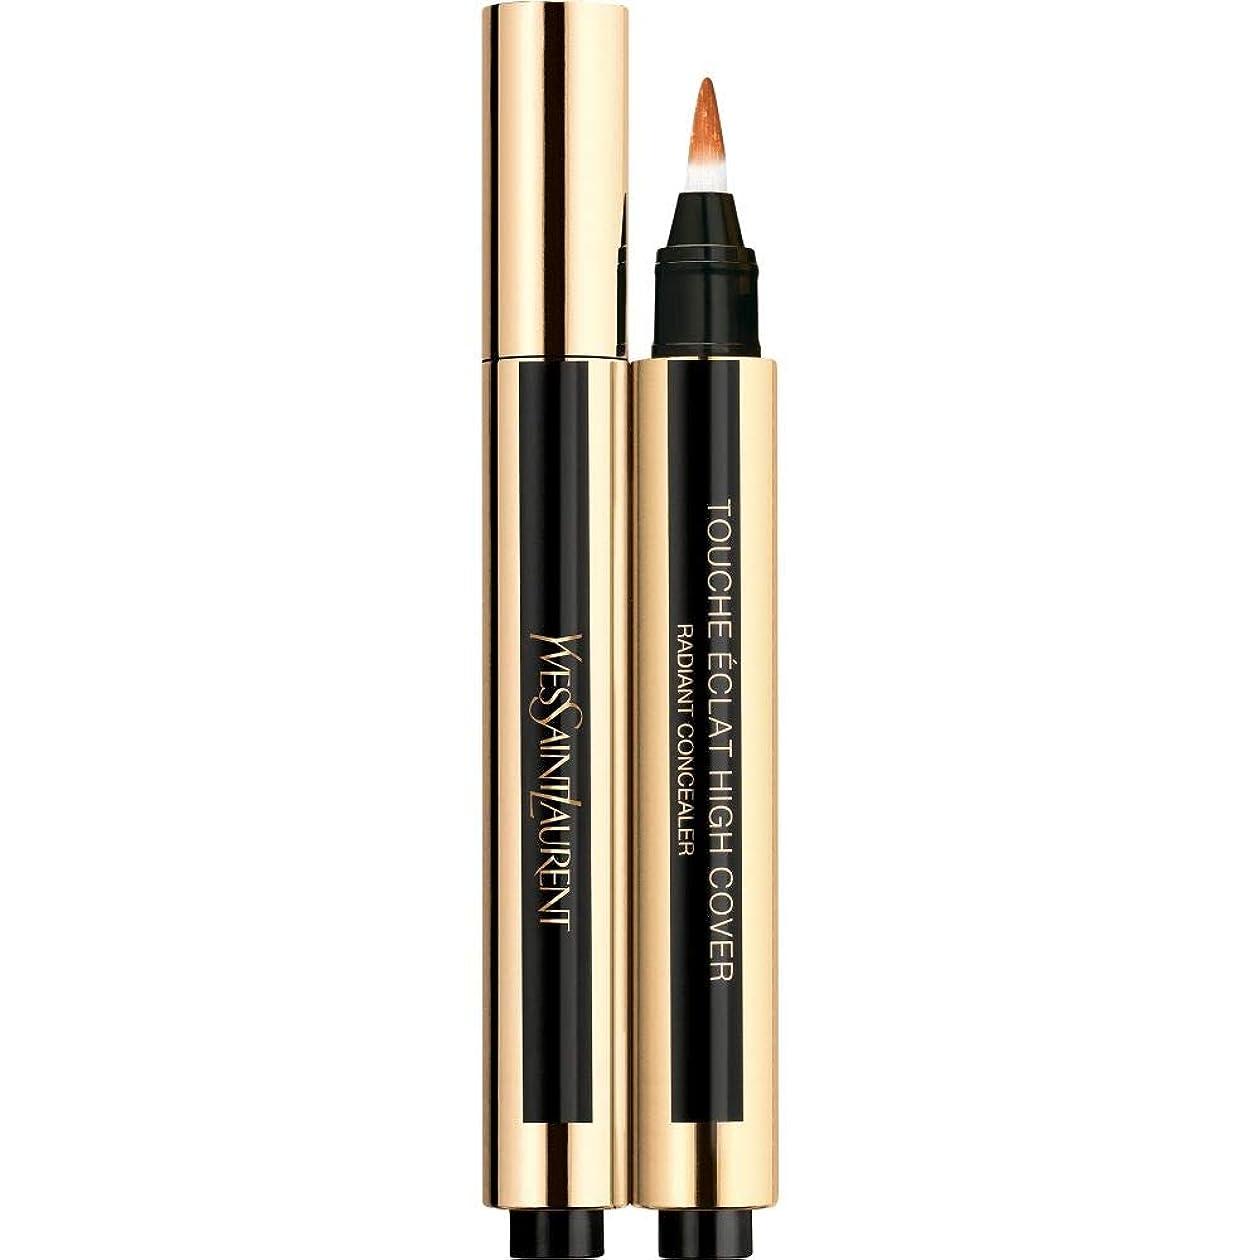 パニック裏切る最も[Yves Saint Laurent] 6.5 2.5ミリリットルイヴ?サンローランのトウシュエクラ高いカバー放射コンシーラーペン - ヘーゼルナッツ - Yves Saint Laurent Touche Eclat High Cover Radiant Concealer Pen 2.5ml 6.5 - Hazelnut [並行輸入品]